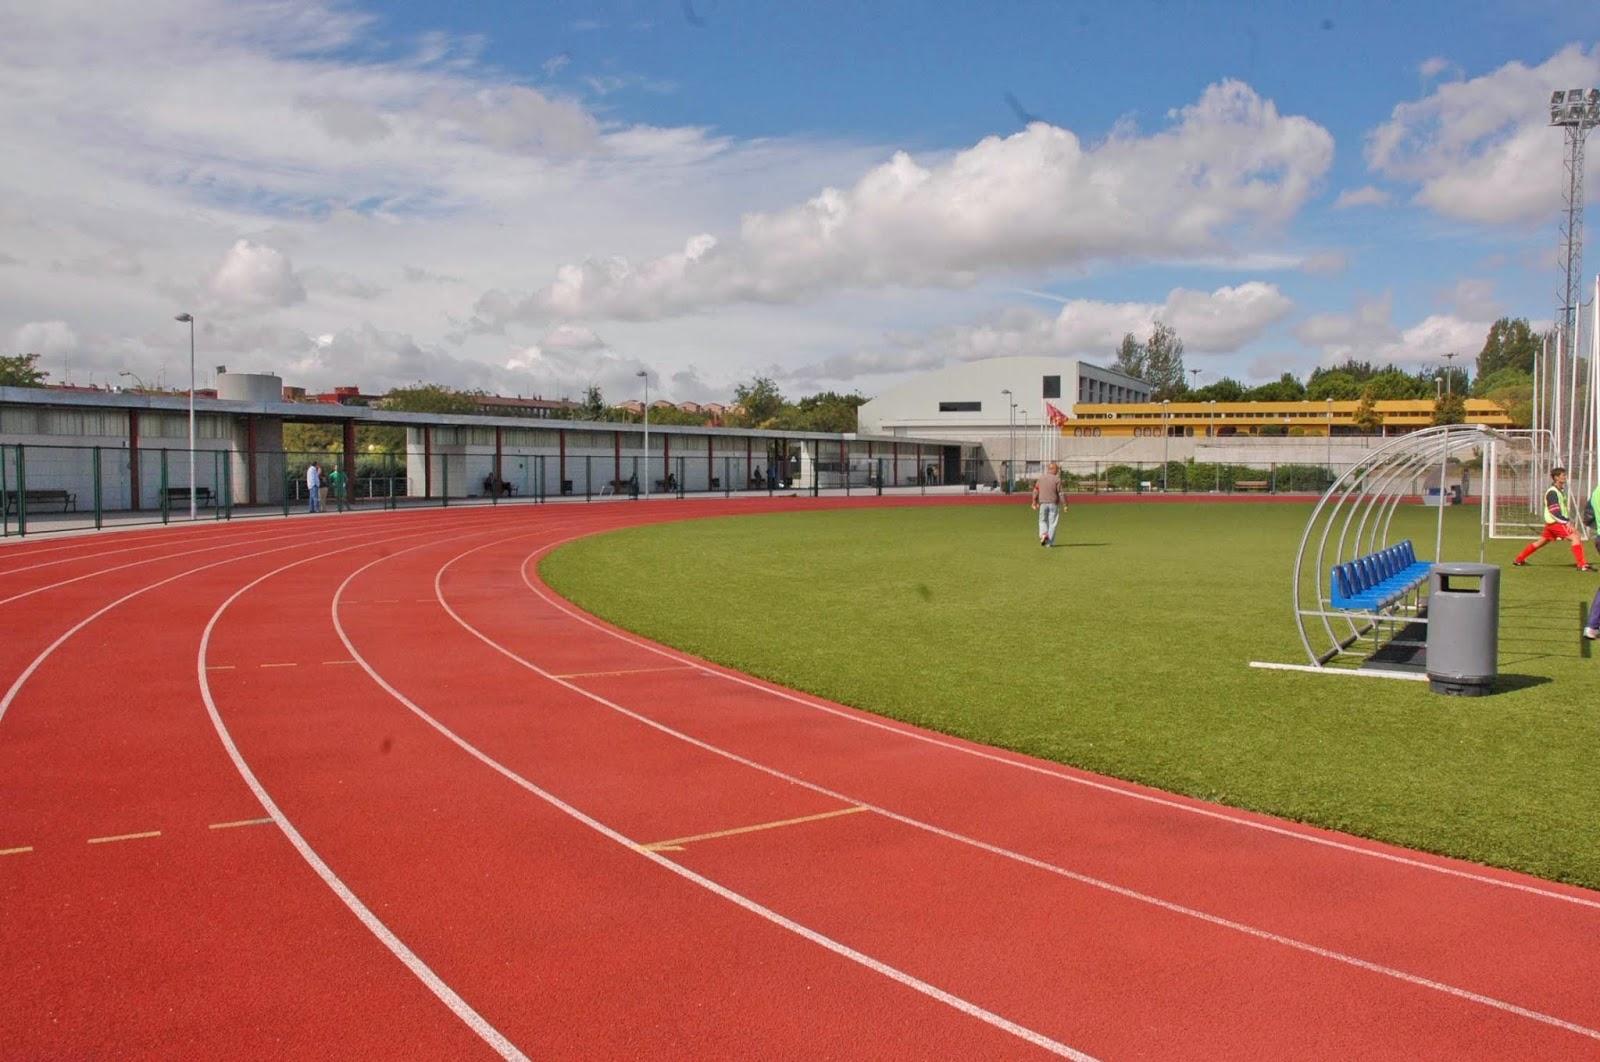 5 liga de atletismo escolar en pista 4 jornada 13 de for Piscina municipal vicalvaro